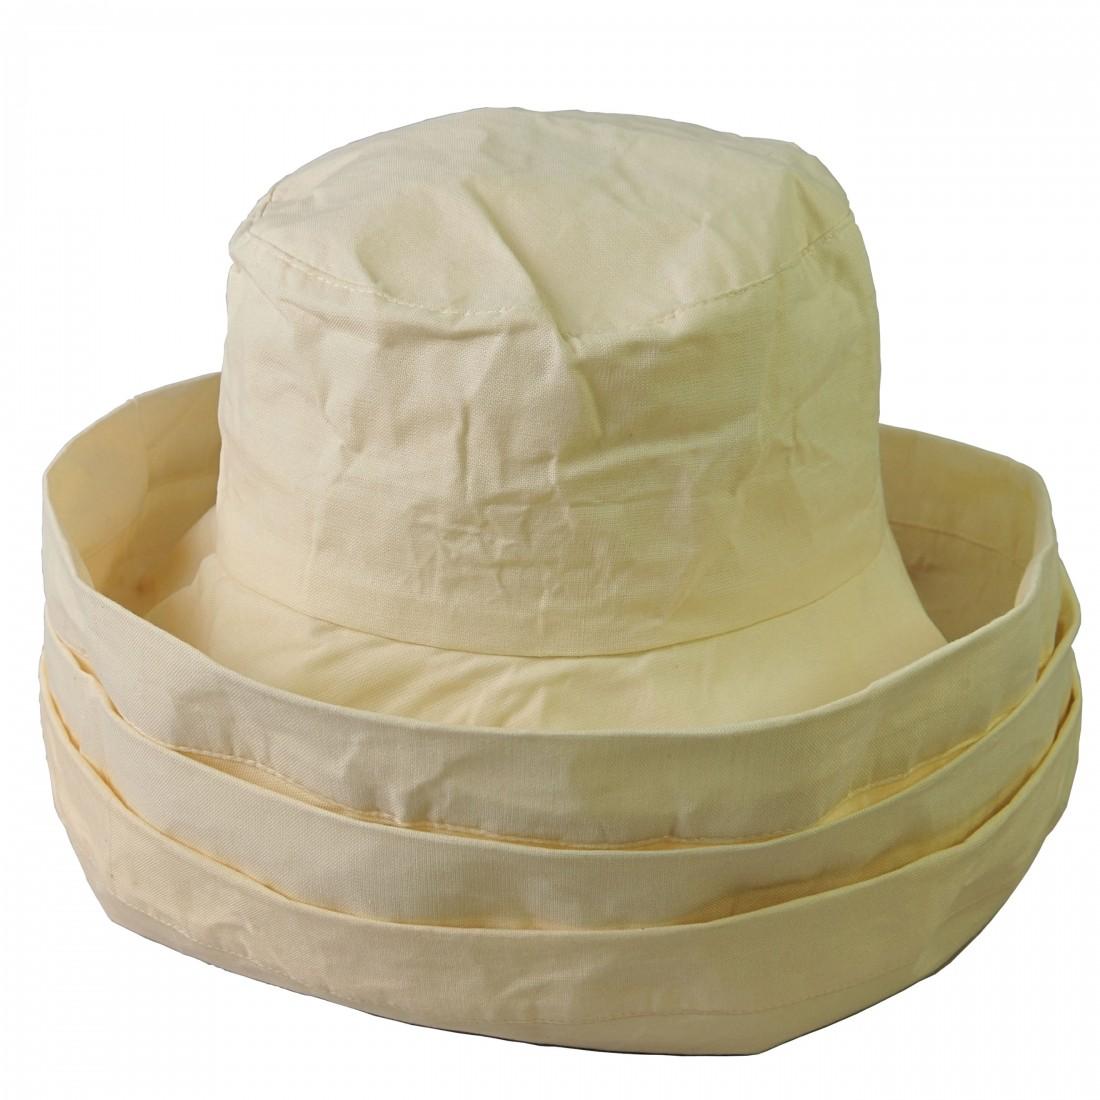 Larcele Chapeau de Soleil b/éb/é pour b/éb/é en Coton pour Jouer en Plein Air ZYM-01